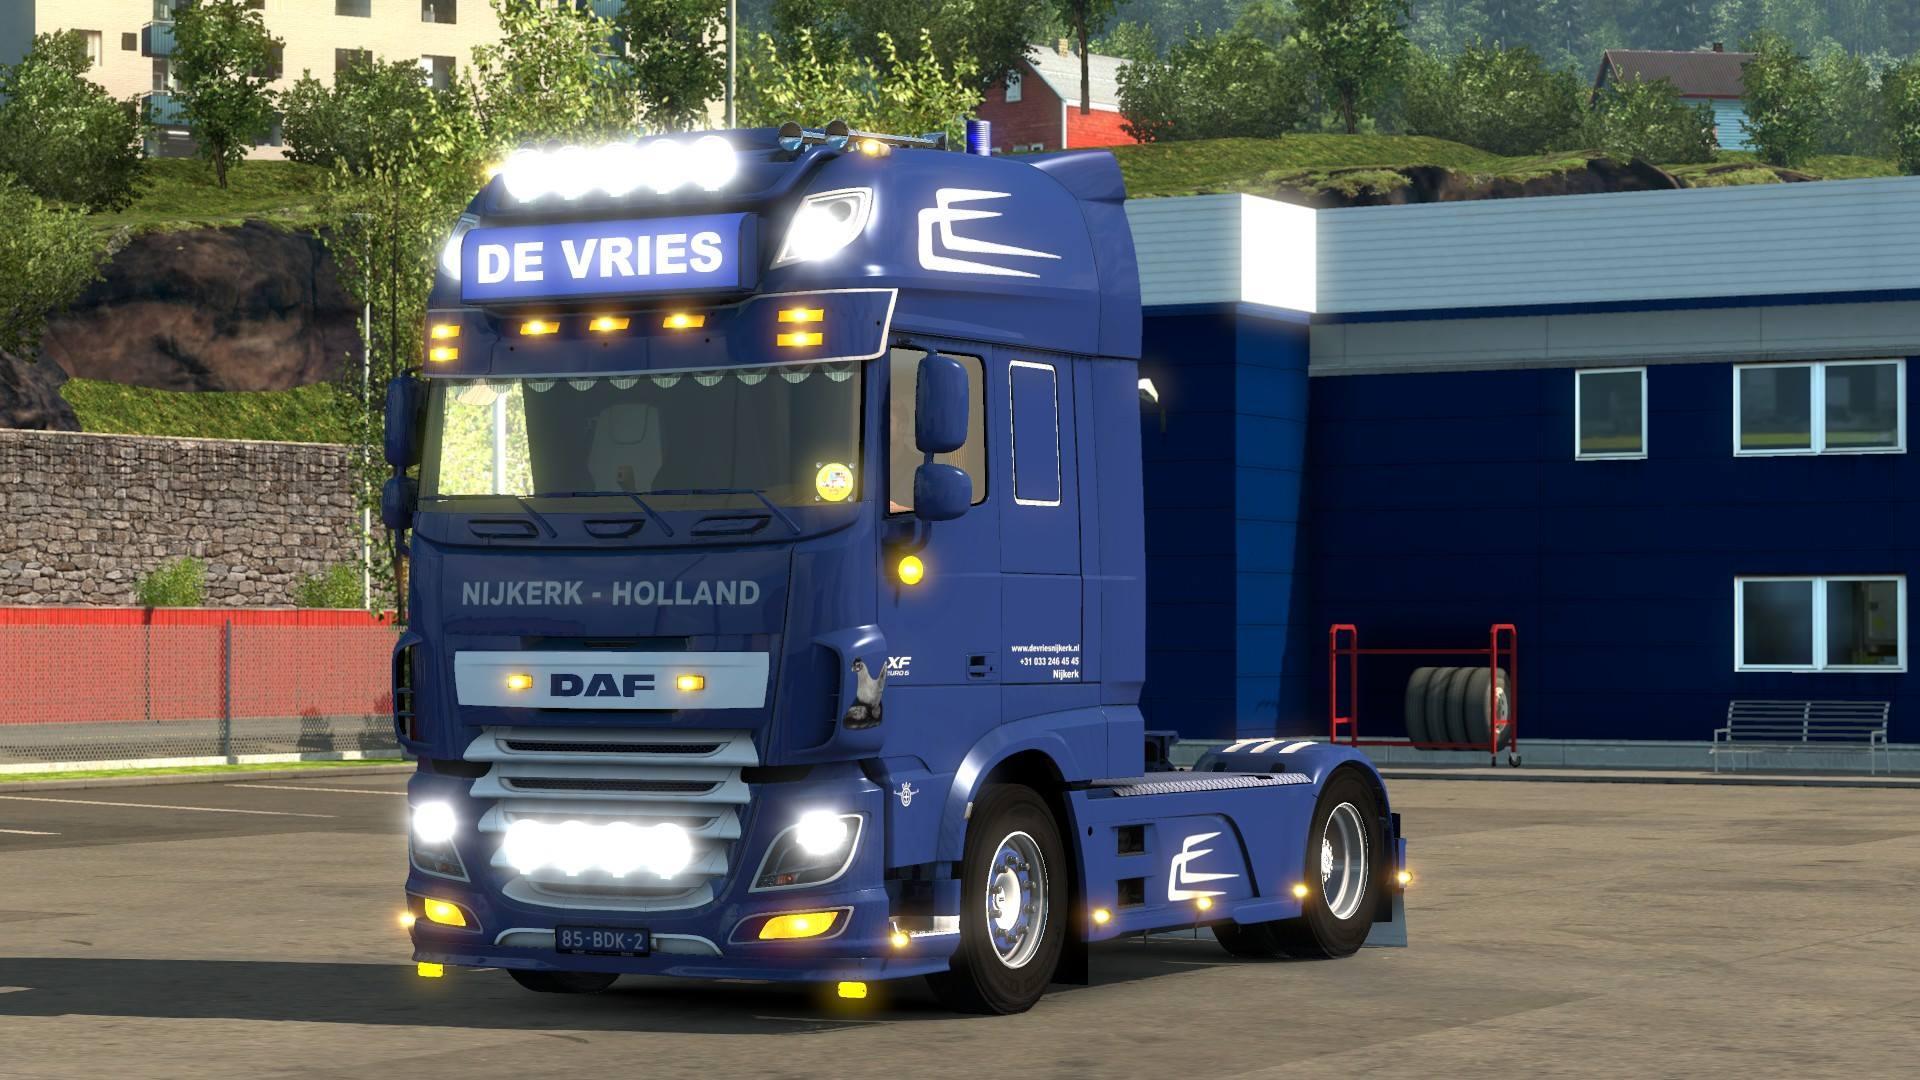 DAF EURO6 DE VRIES Truck -Euro Truck Simulator 2 Mods